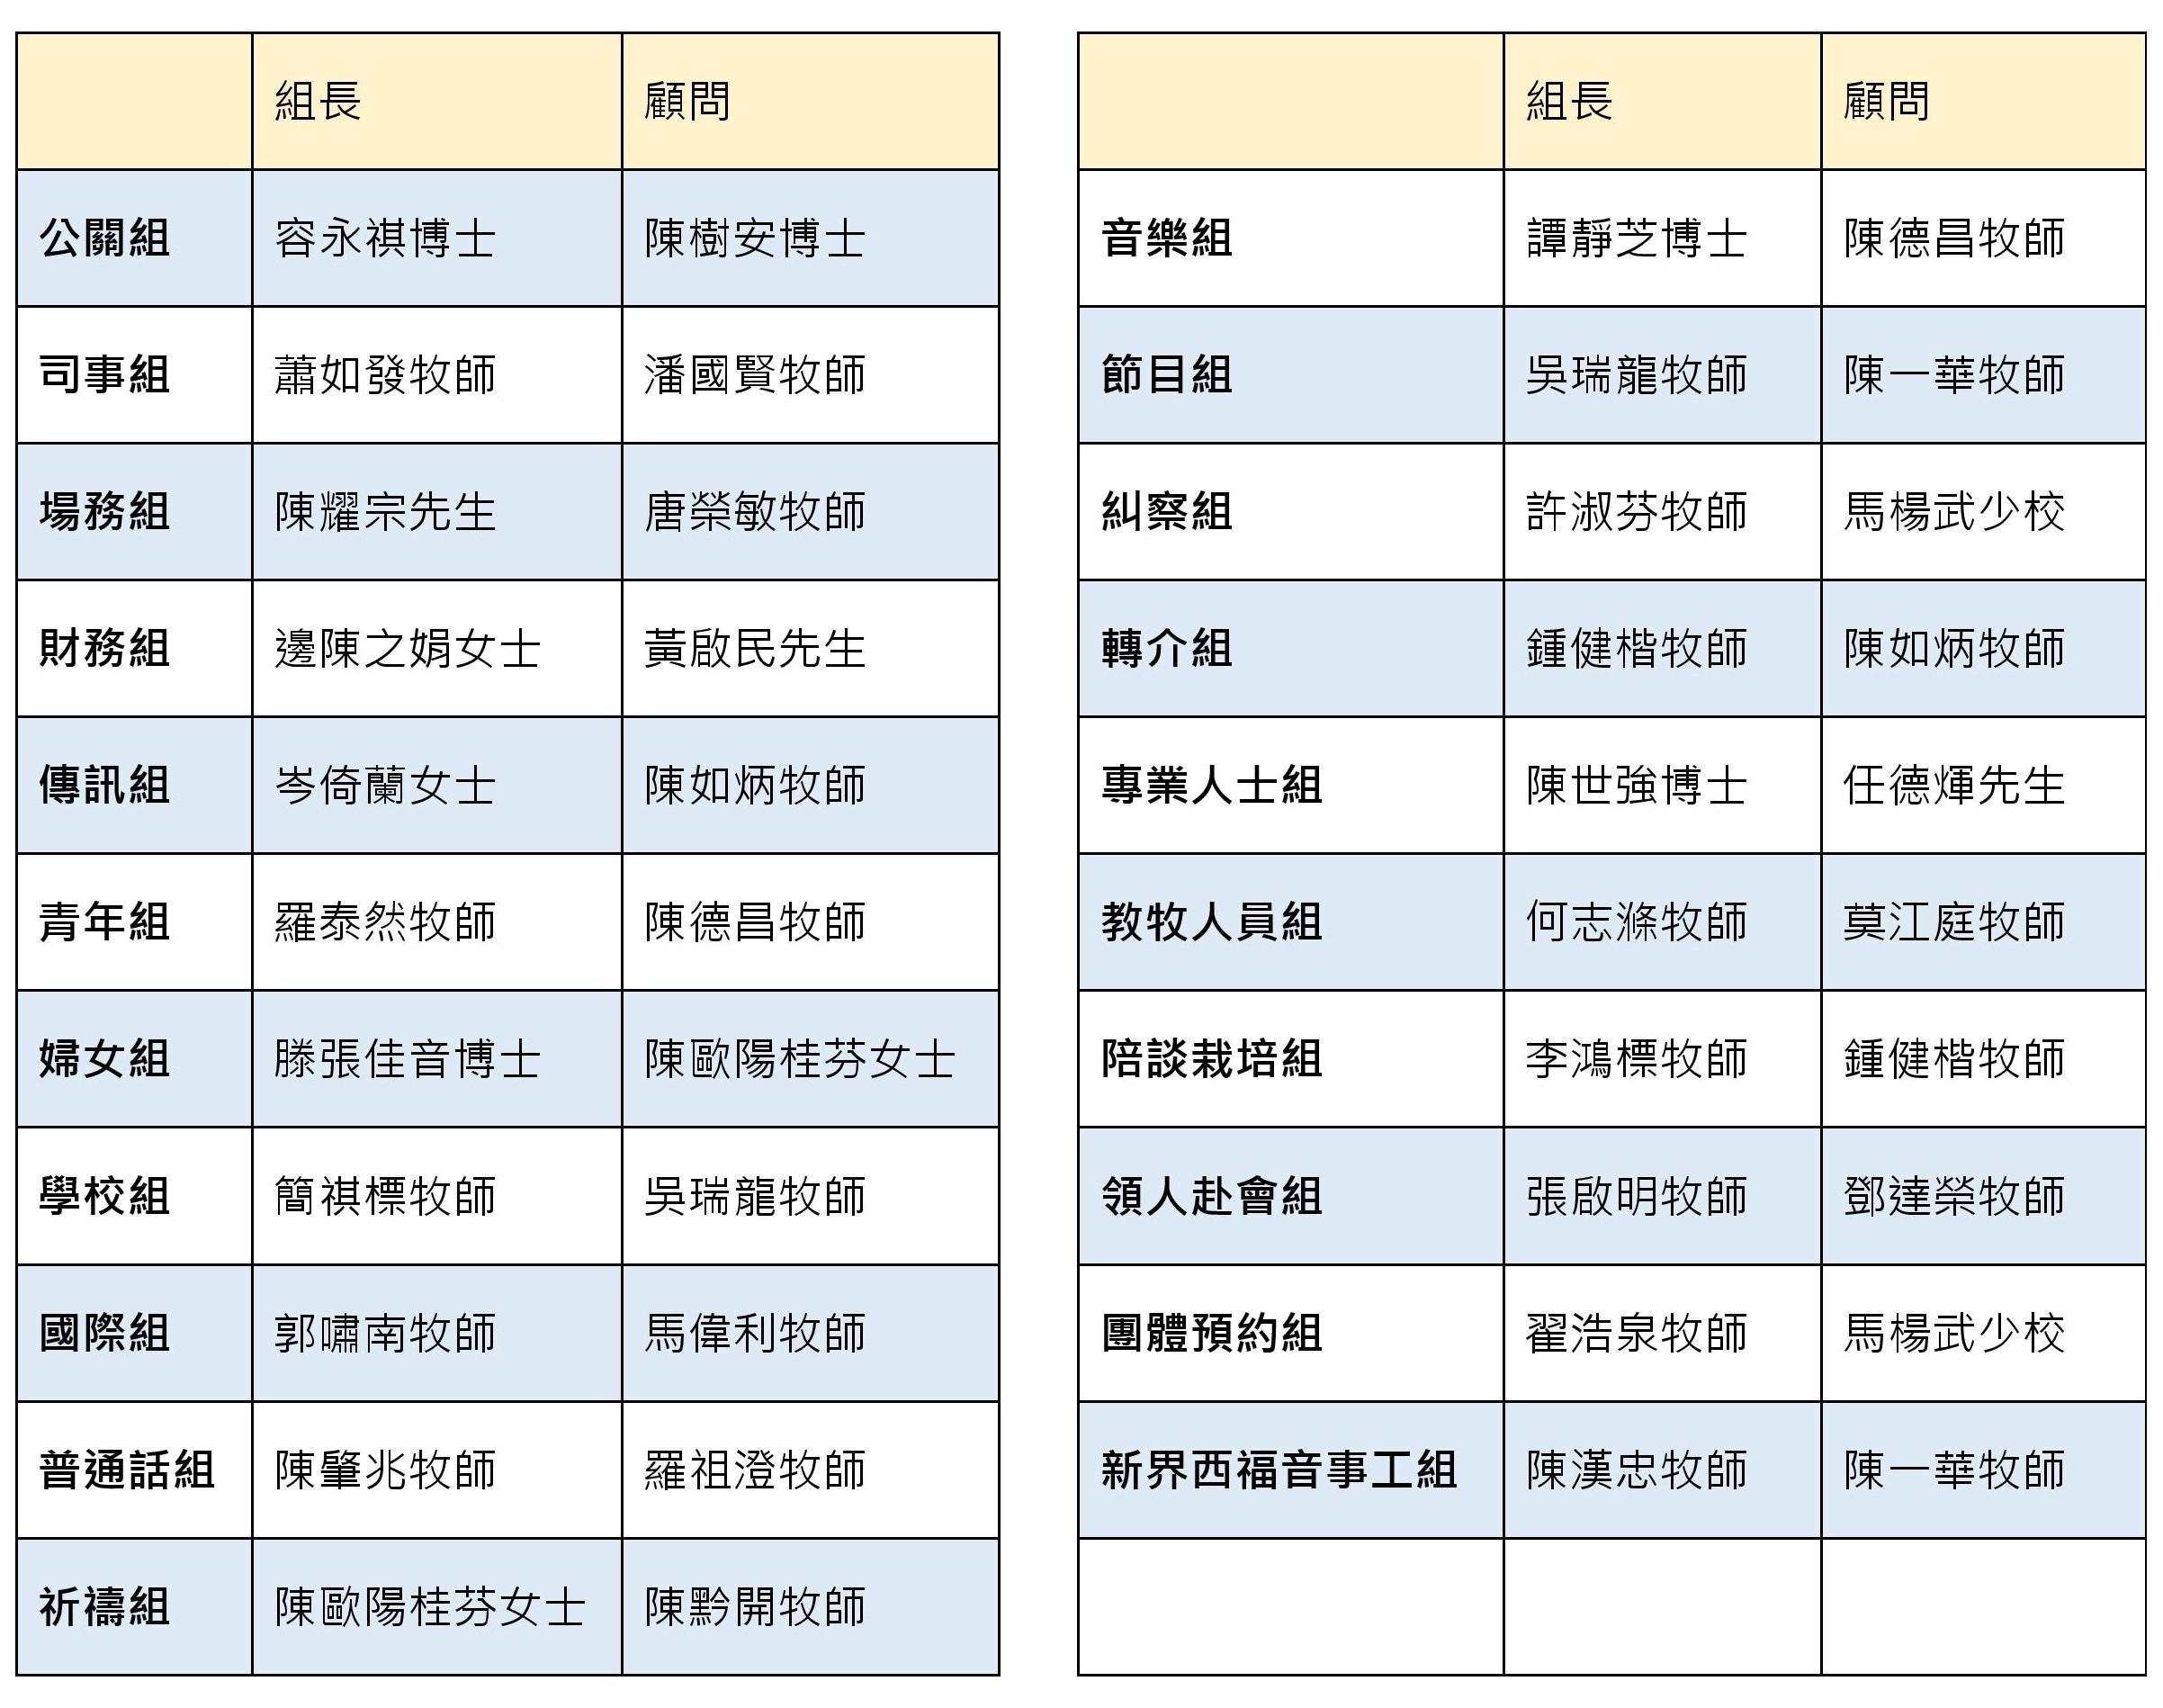 功能小組組長及顧問名單_8.2.17(2)